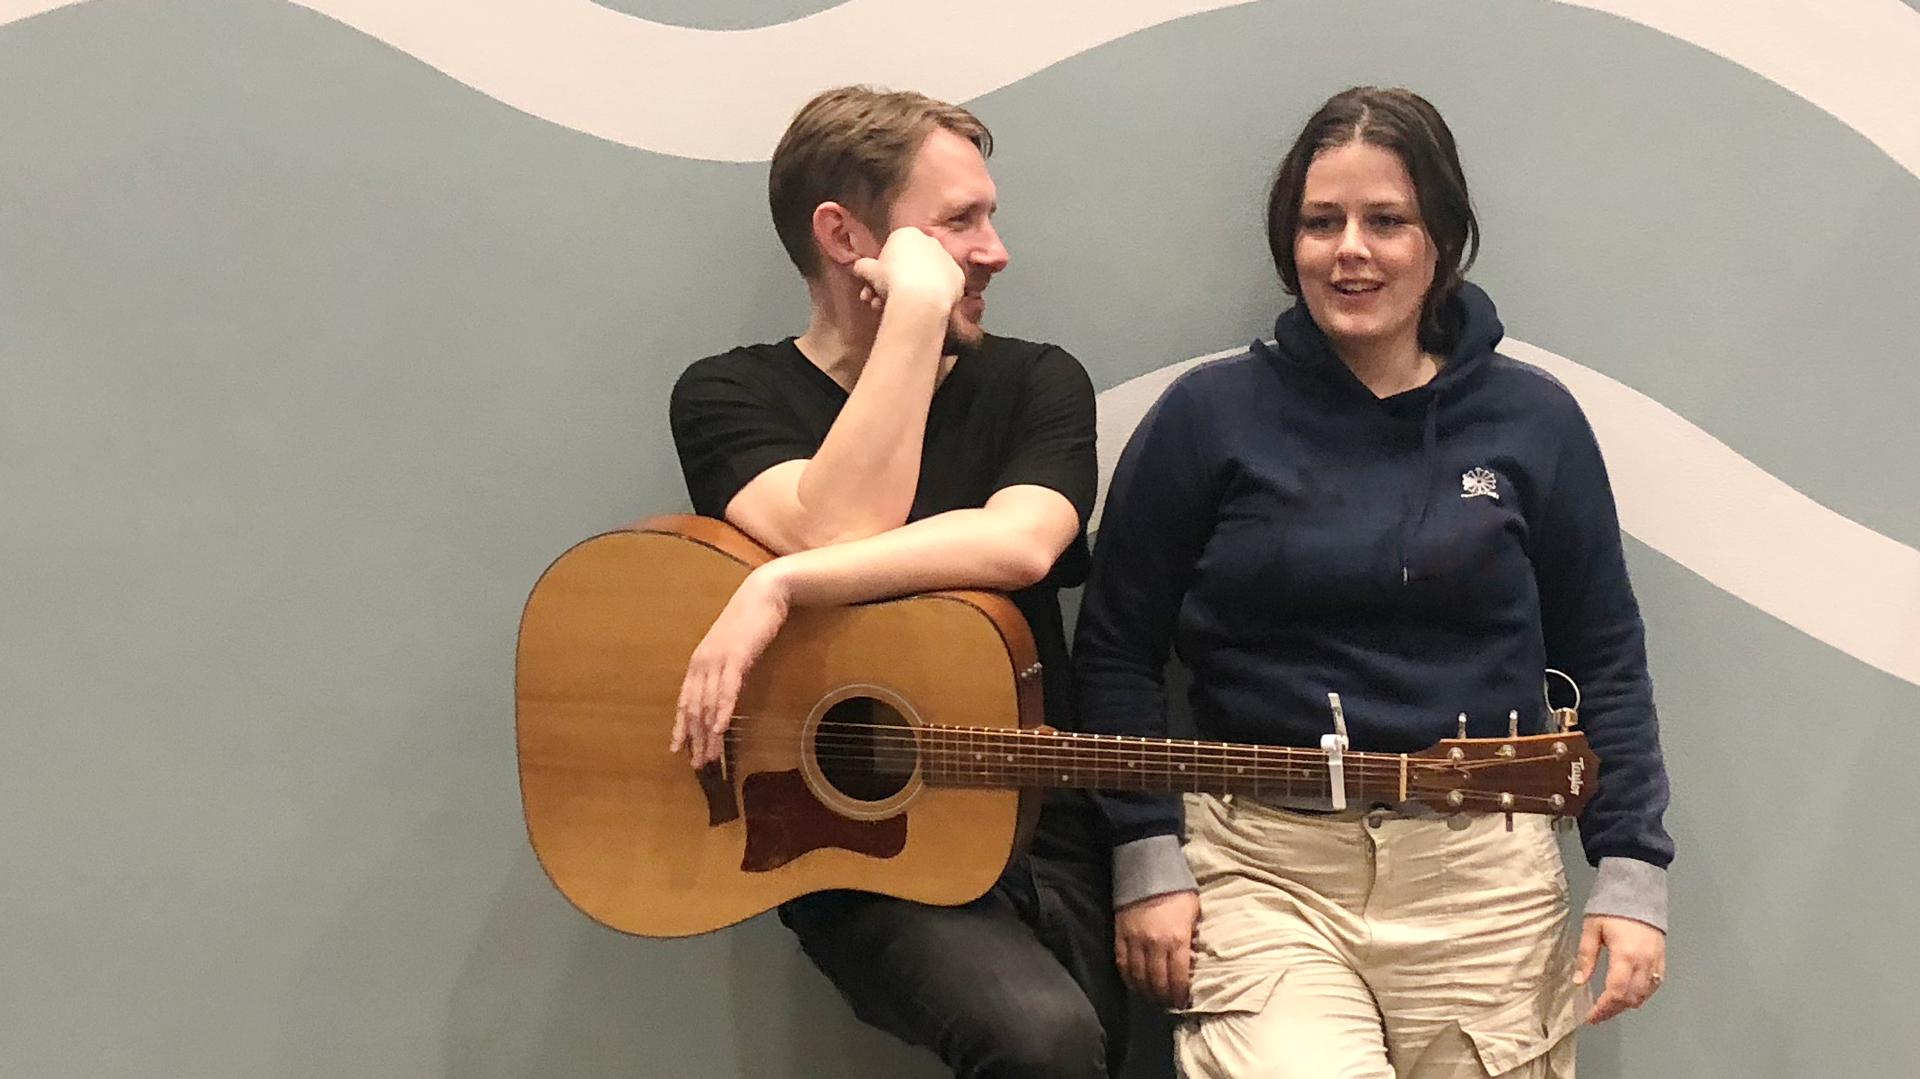 Sangskriver: Gæst Jada